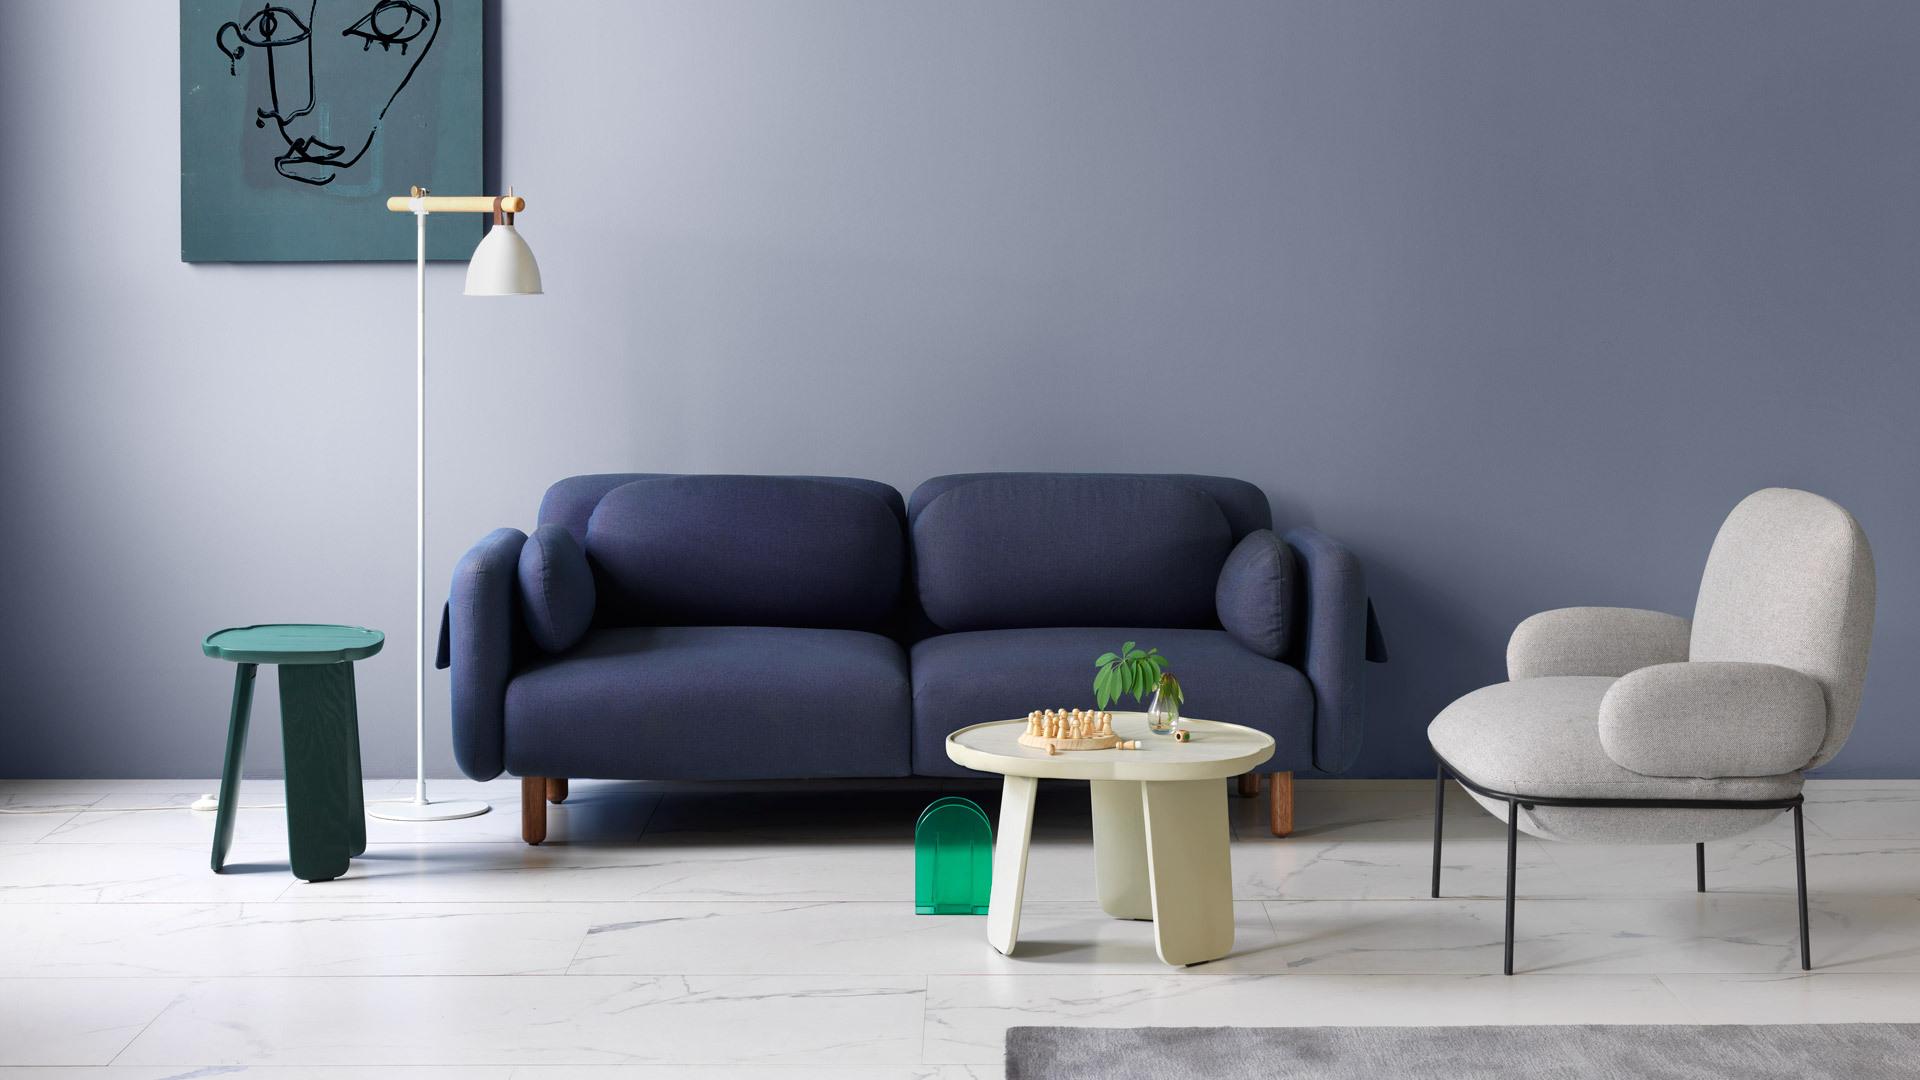 清淺高低桌,活潑空間的雅致裝點